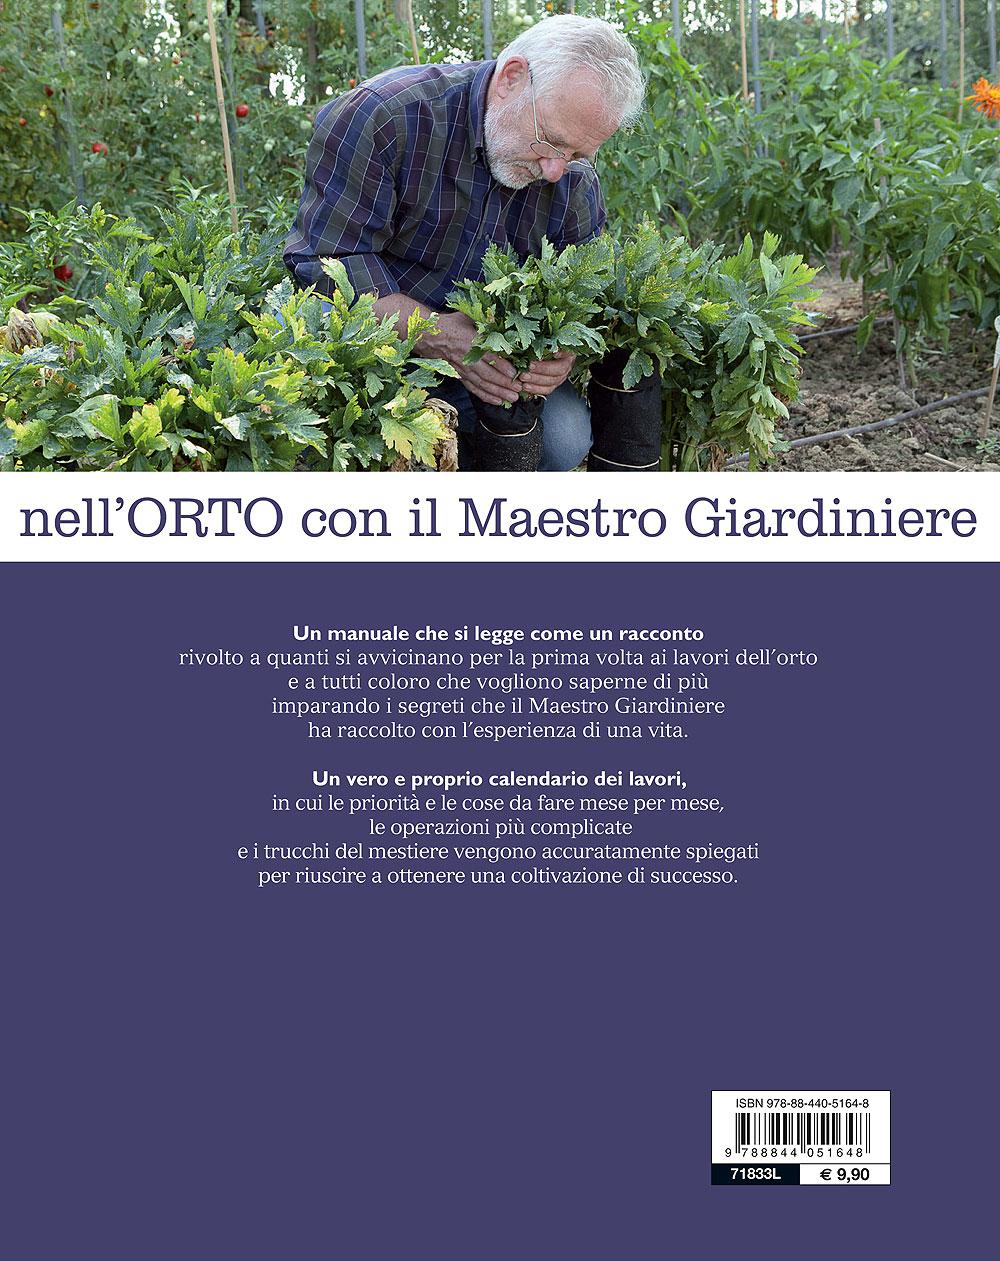 Nell'orto con il Maestro Giardiniere